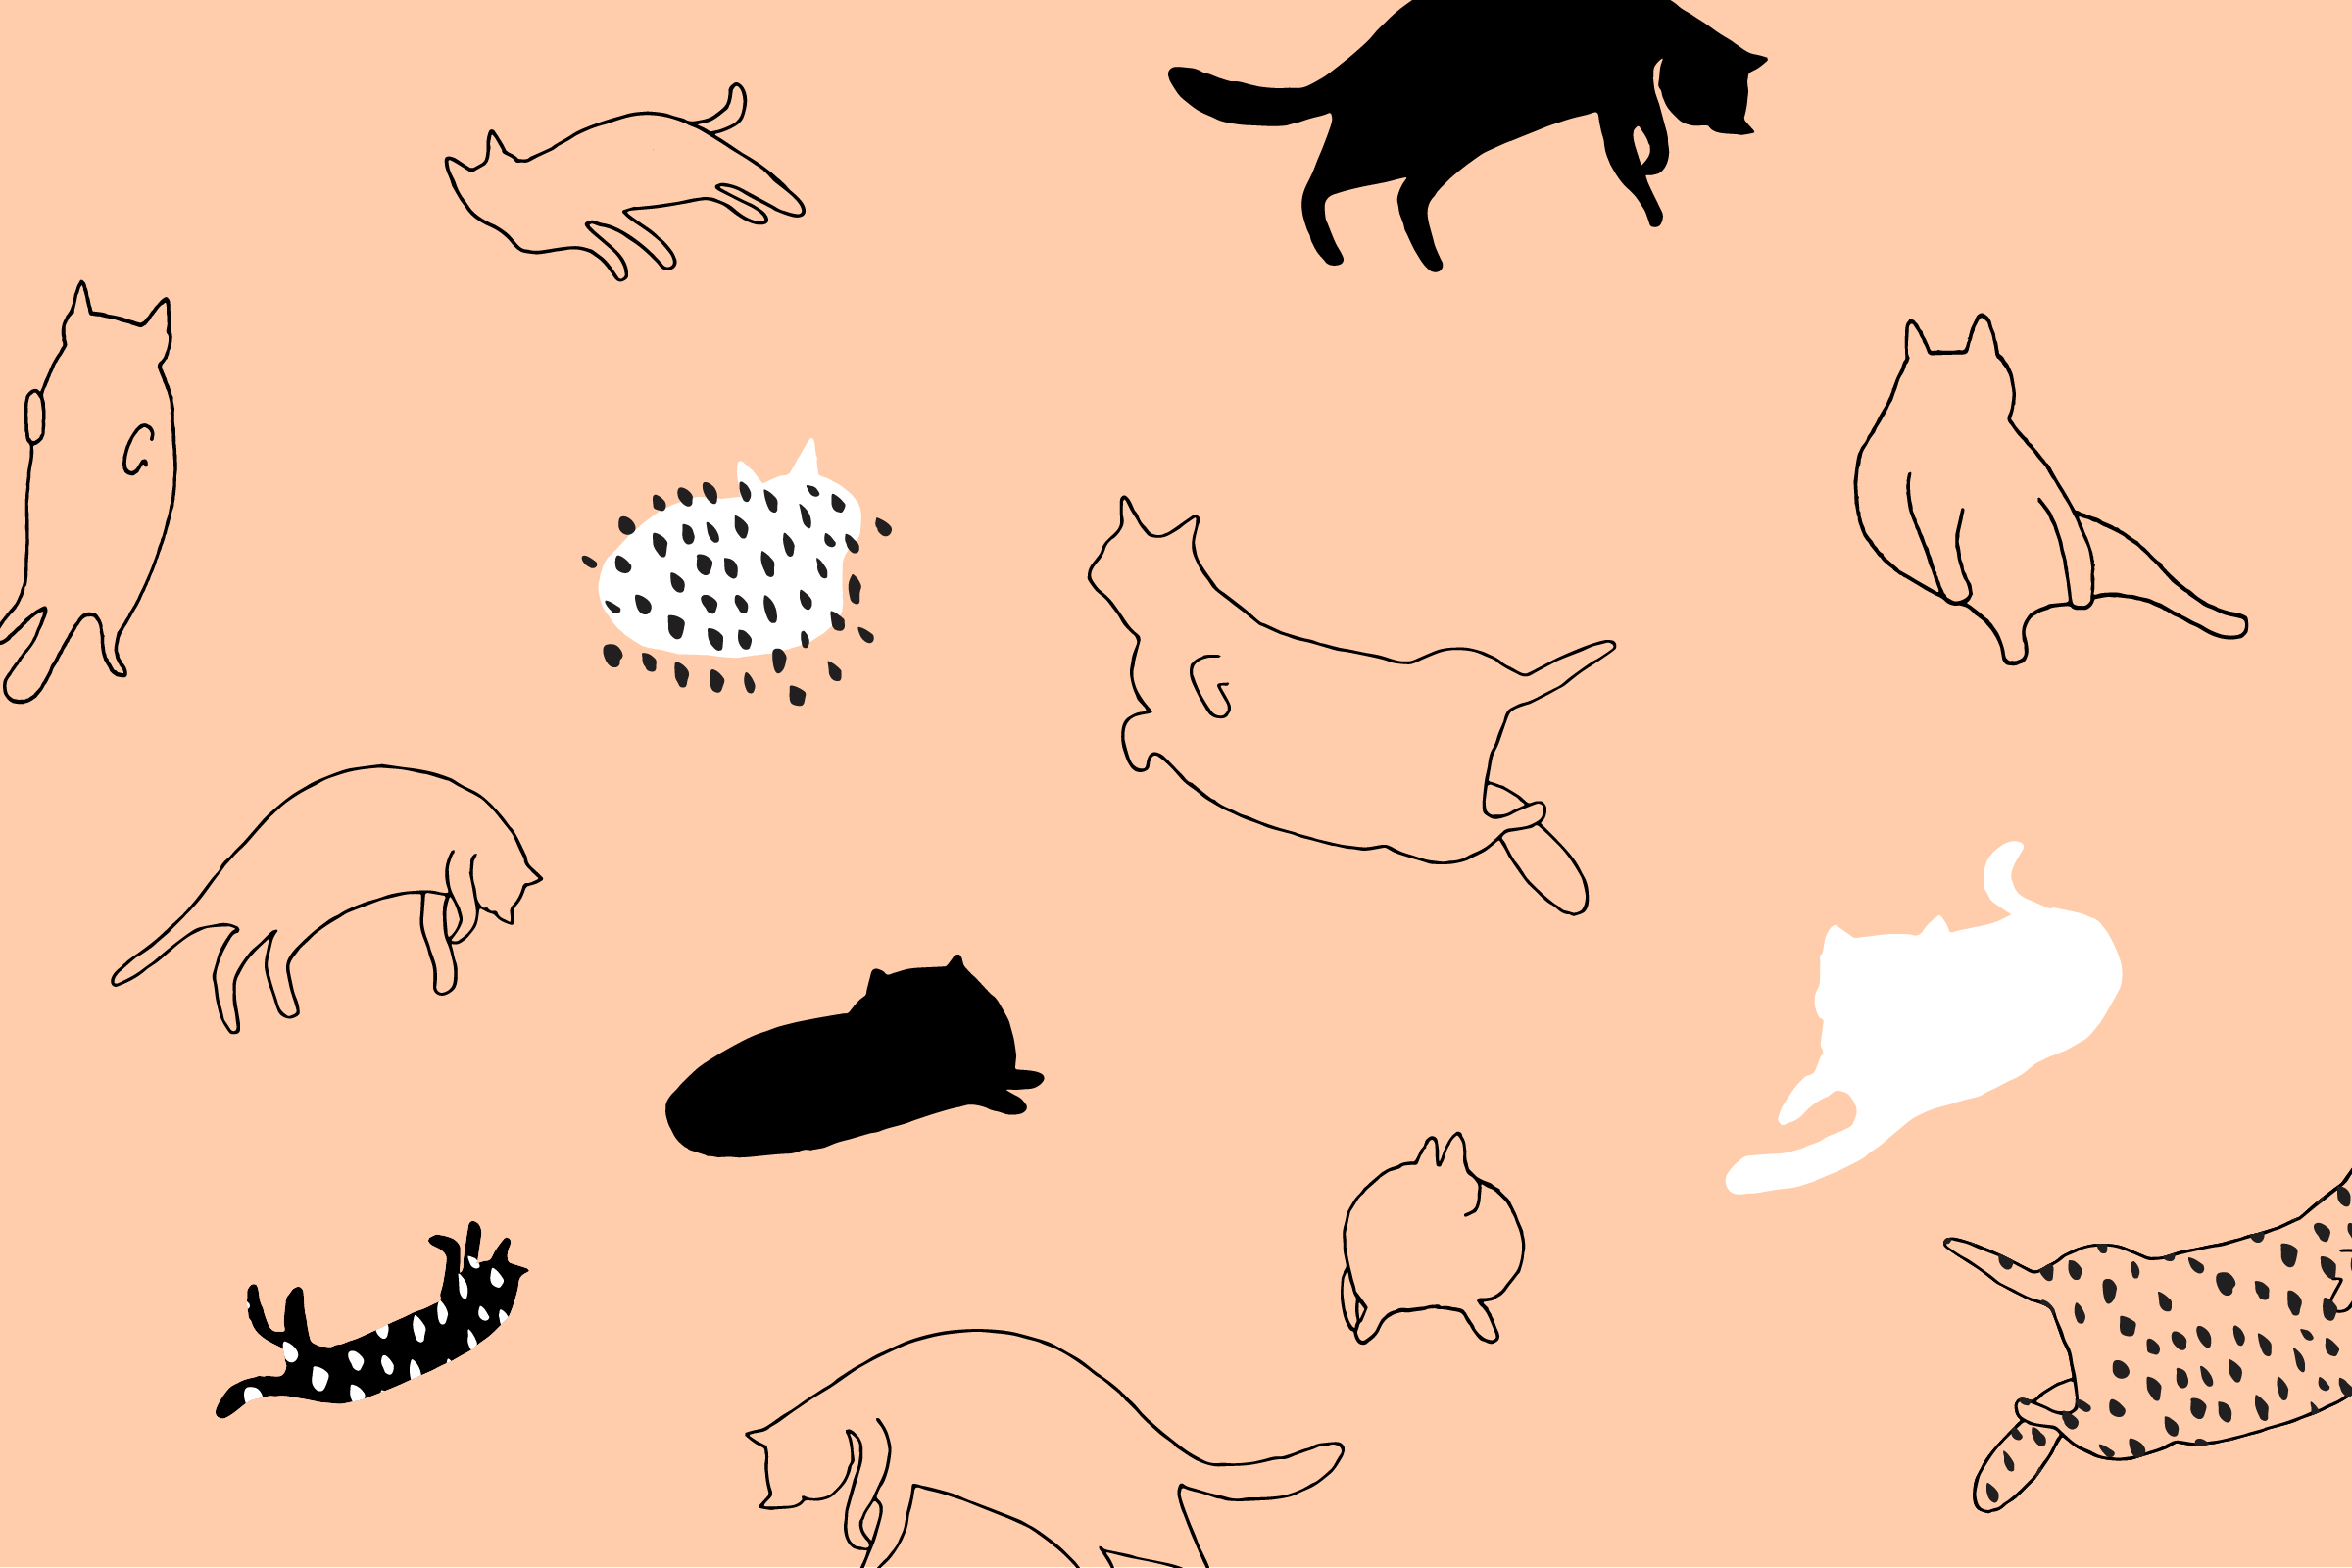 Cartoon Cat Desktop Wallpapers Top Free Cartoon Cat Desktop Backgrounds Wa Desktop Wallpaper Art Cute Desktop Wallpaper Laptop Wallpaper Desktop Wallpapers